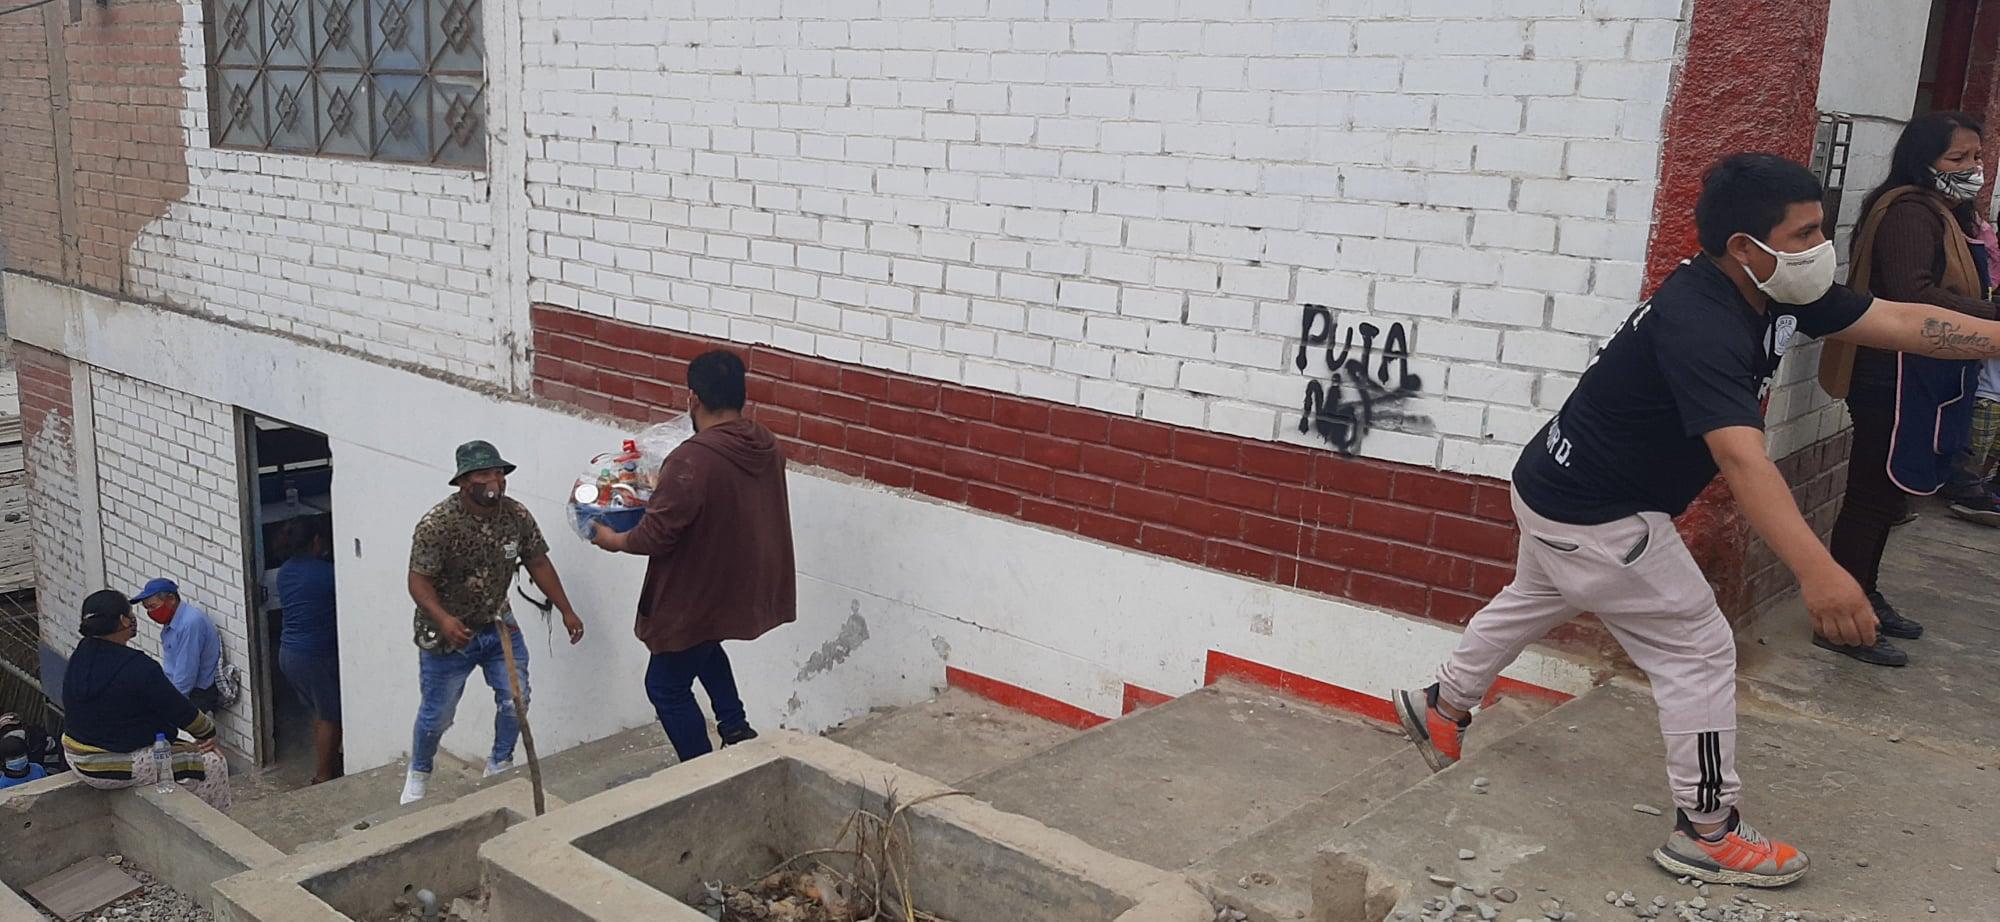 Perù – appoggio al progetto di microcredito dell'associazione Yachay Wasi di Lima .